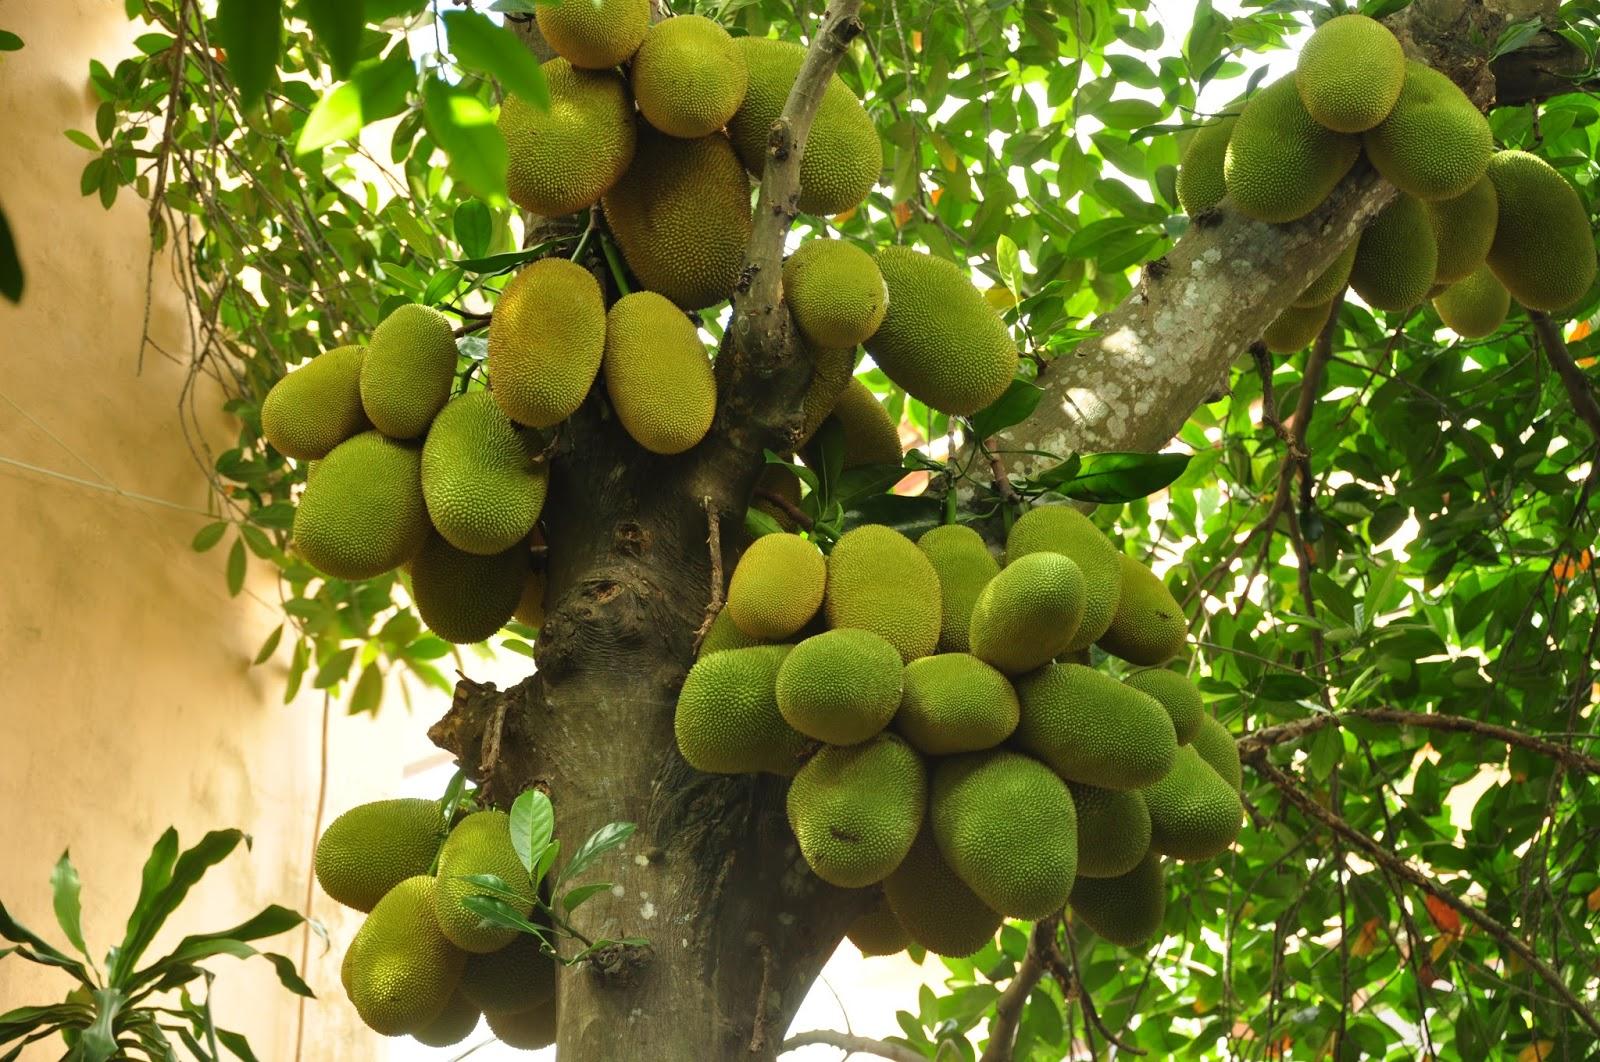 Kỹ Thuật Trồng cây Mít tứ quý cho quả ngọt lịm, mang lại kinh tế cao - ảnh 1